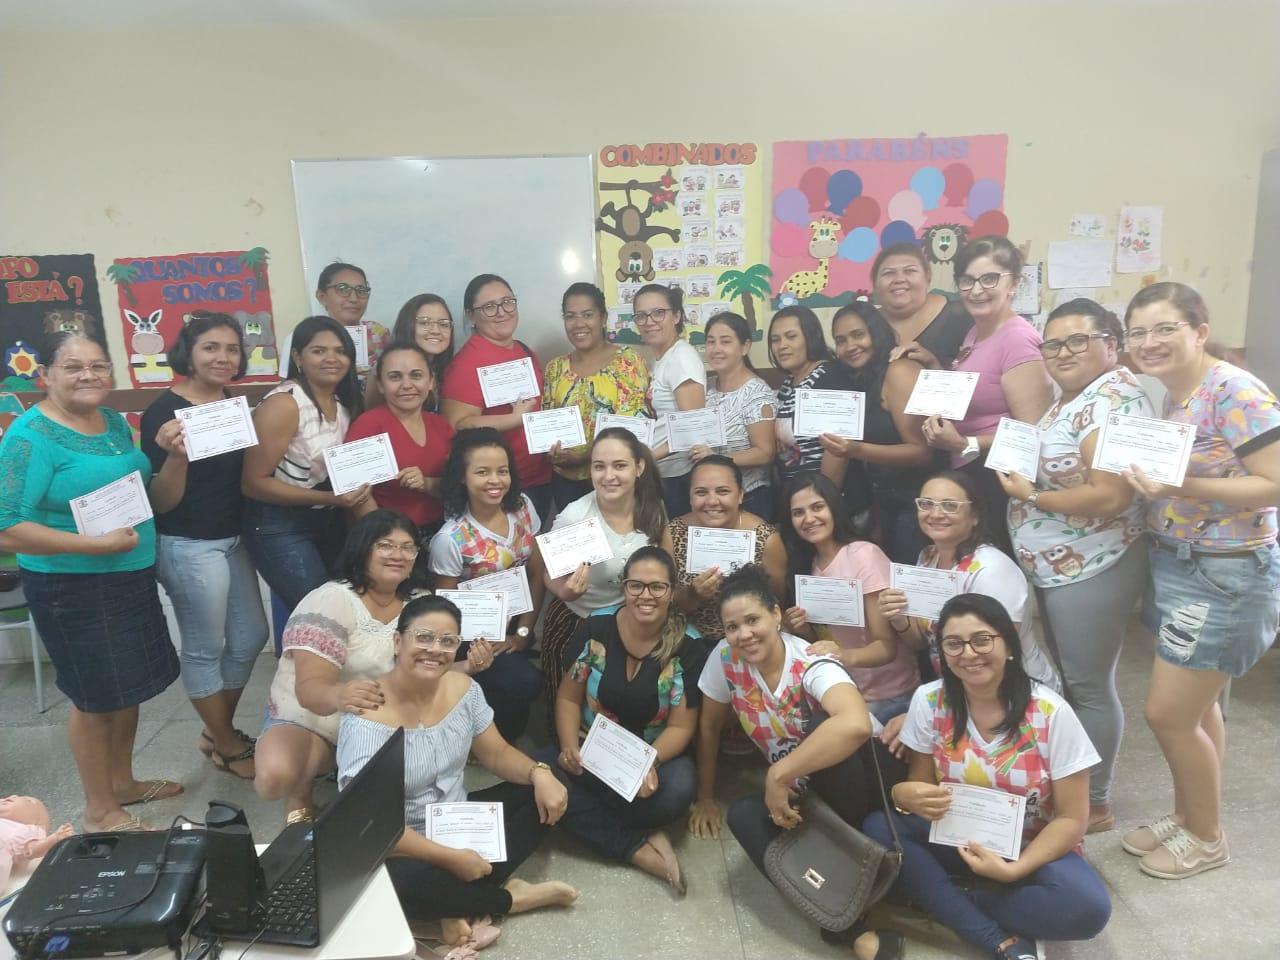 Secretaria de Educação e Cultura realizou capacitação sobre Primeiros Socorros no Ambiente Escolar